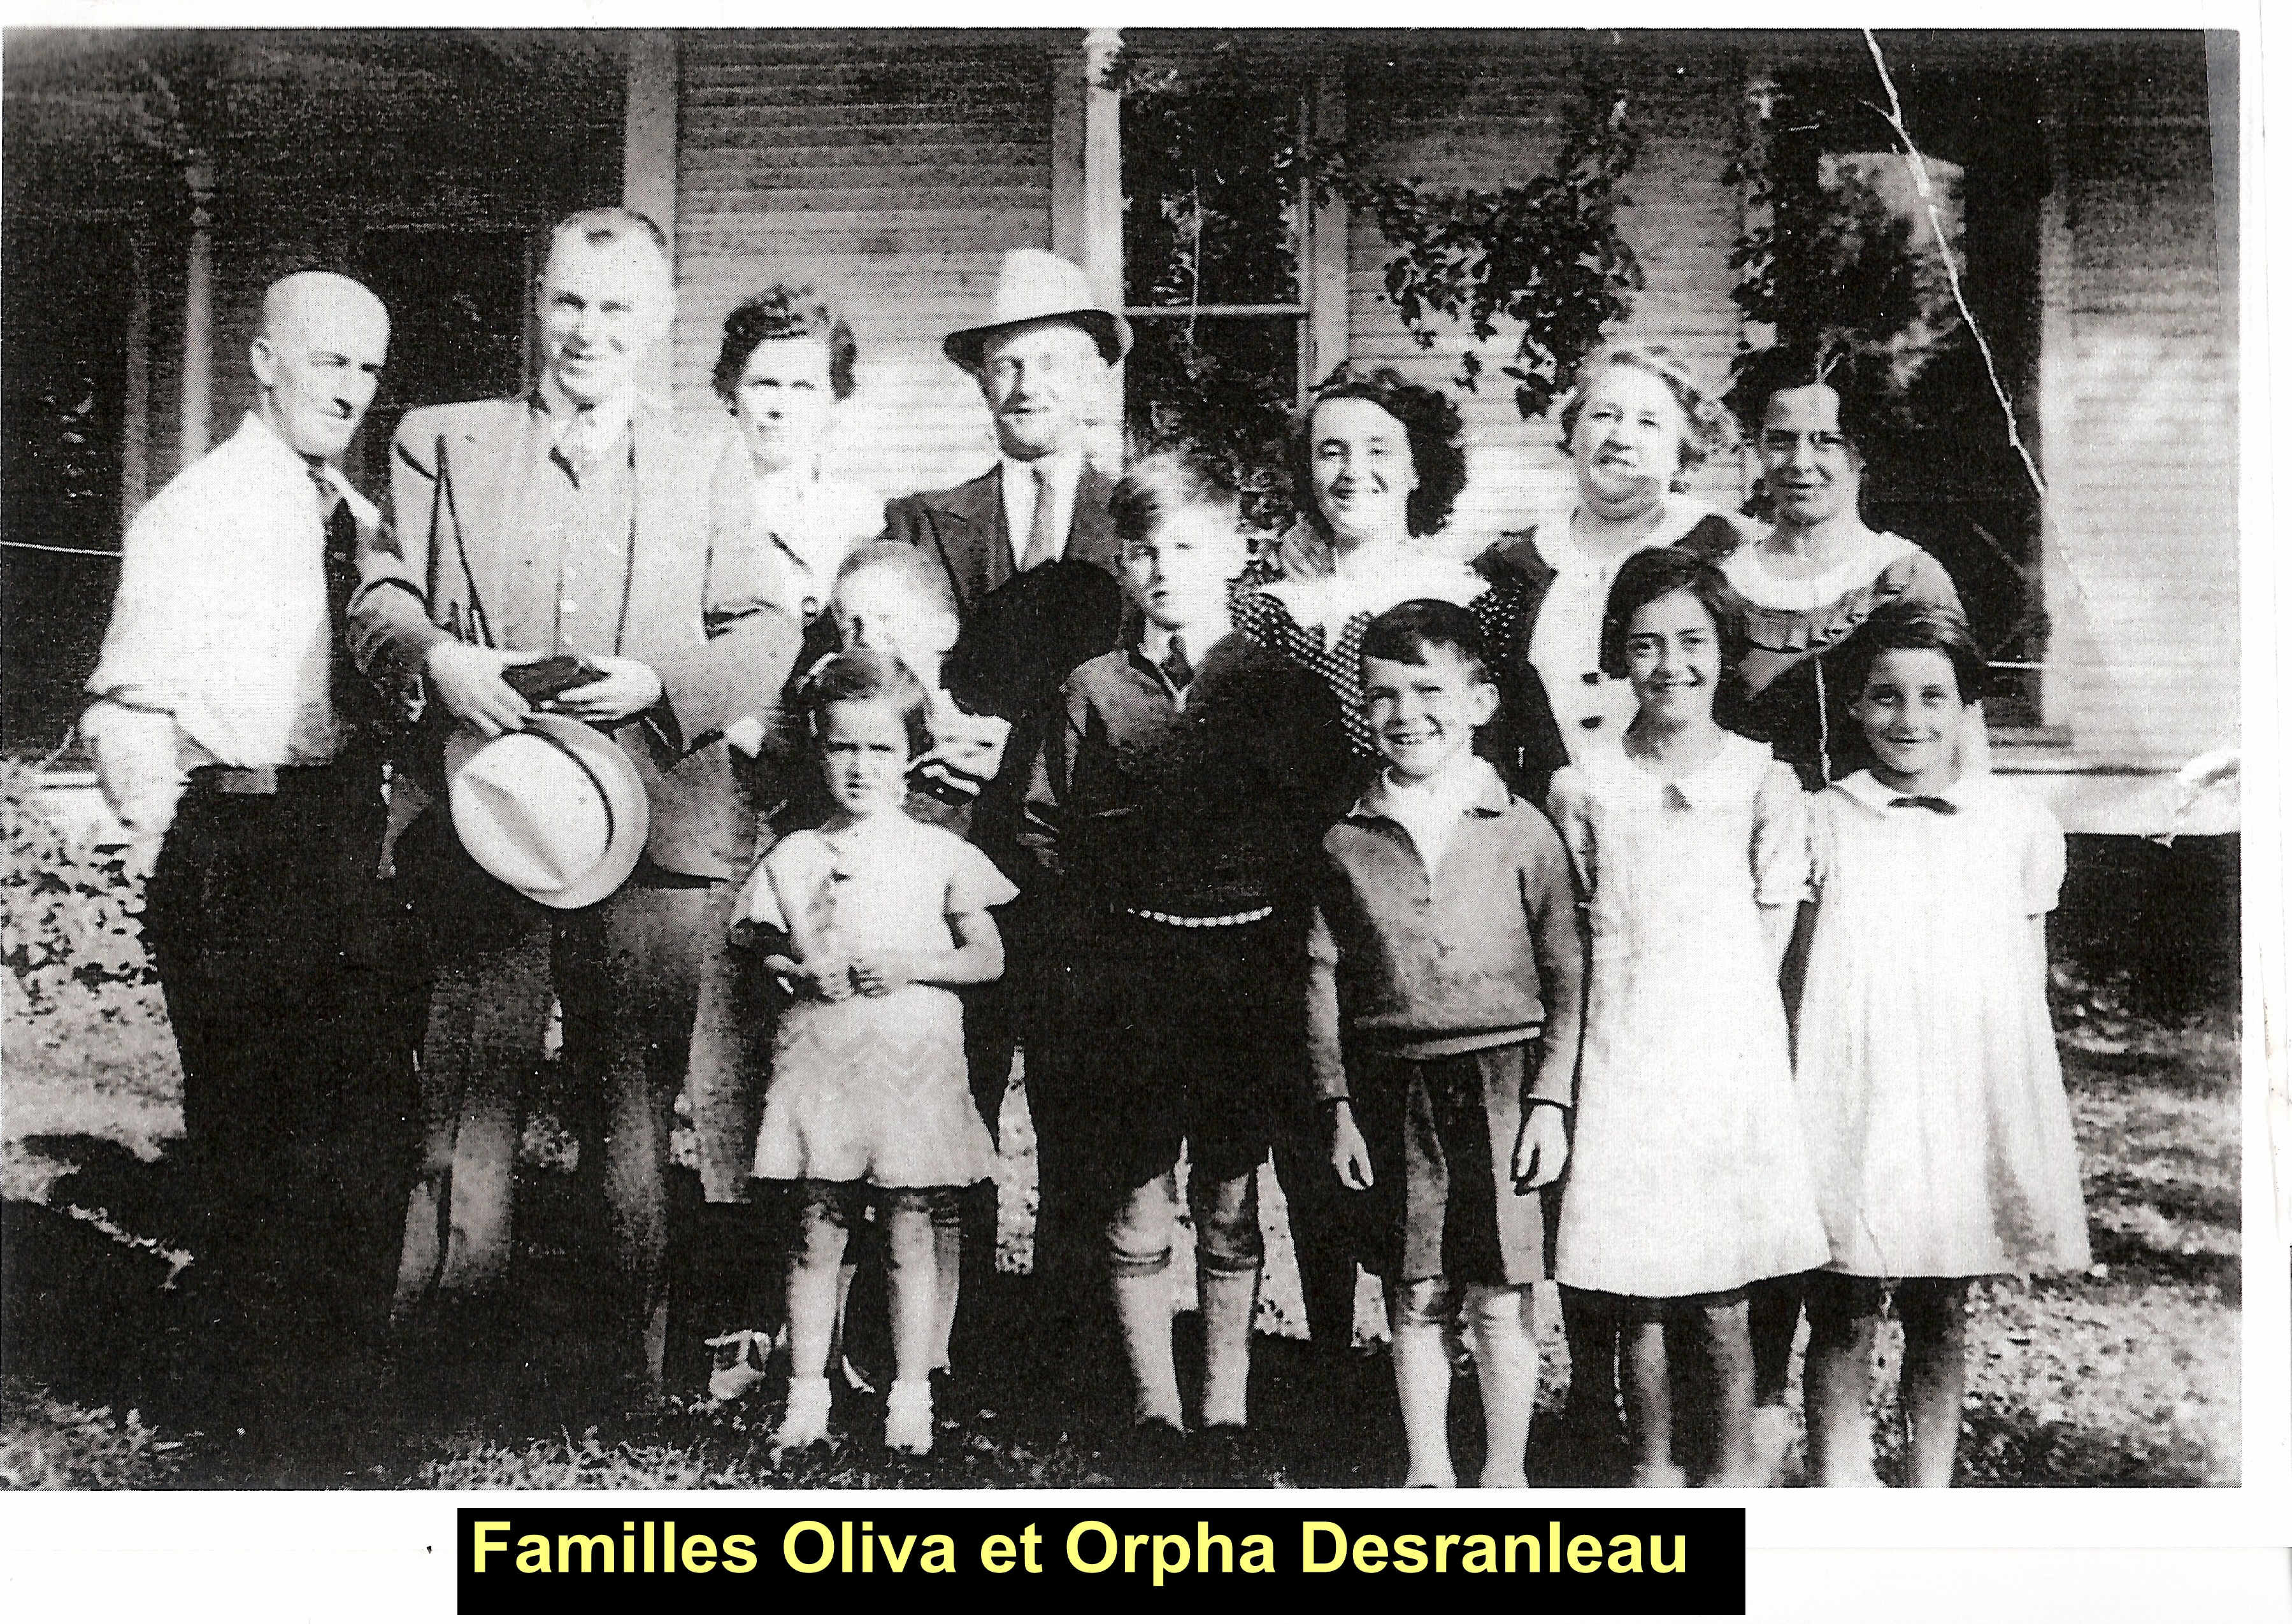 Familles Oliva et Orpha Desranleau